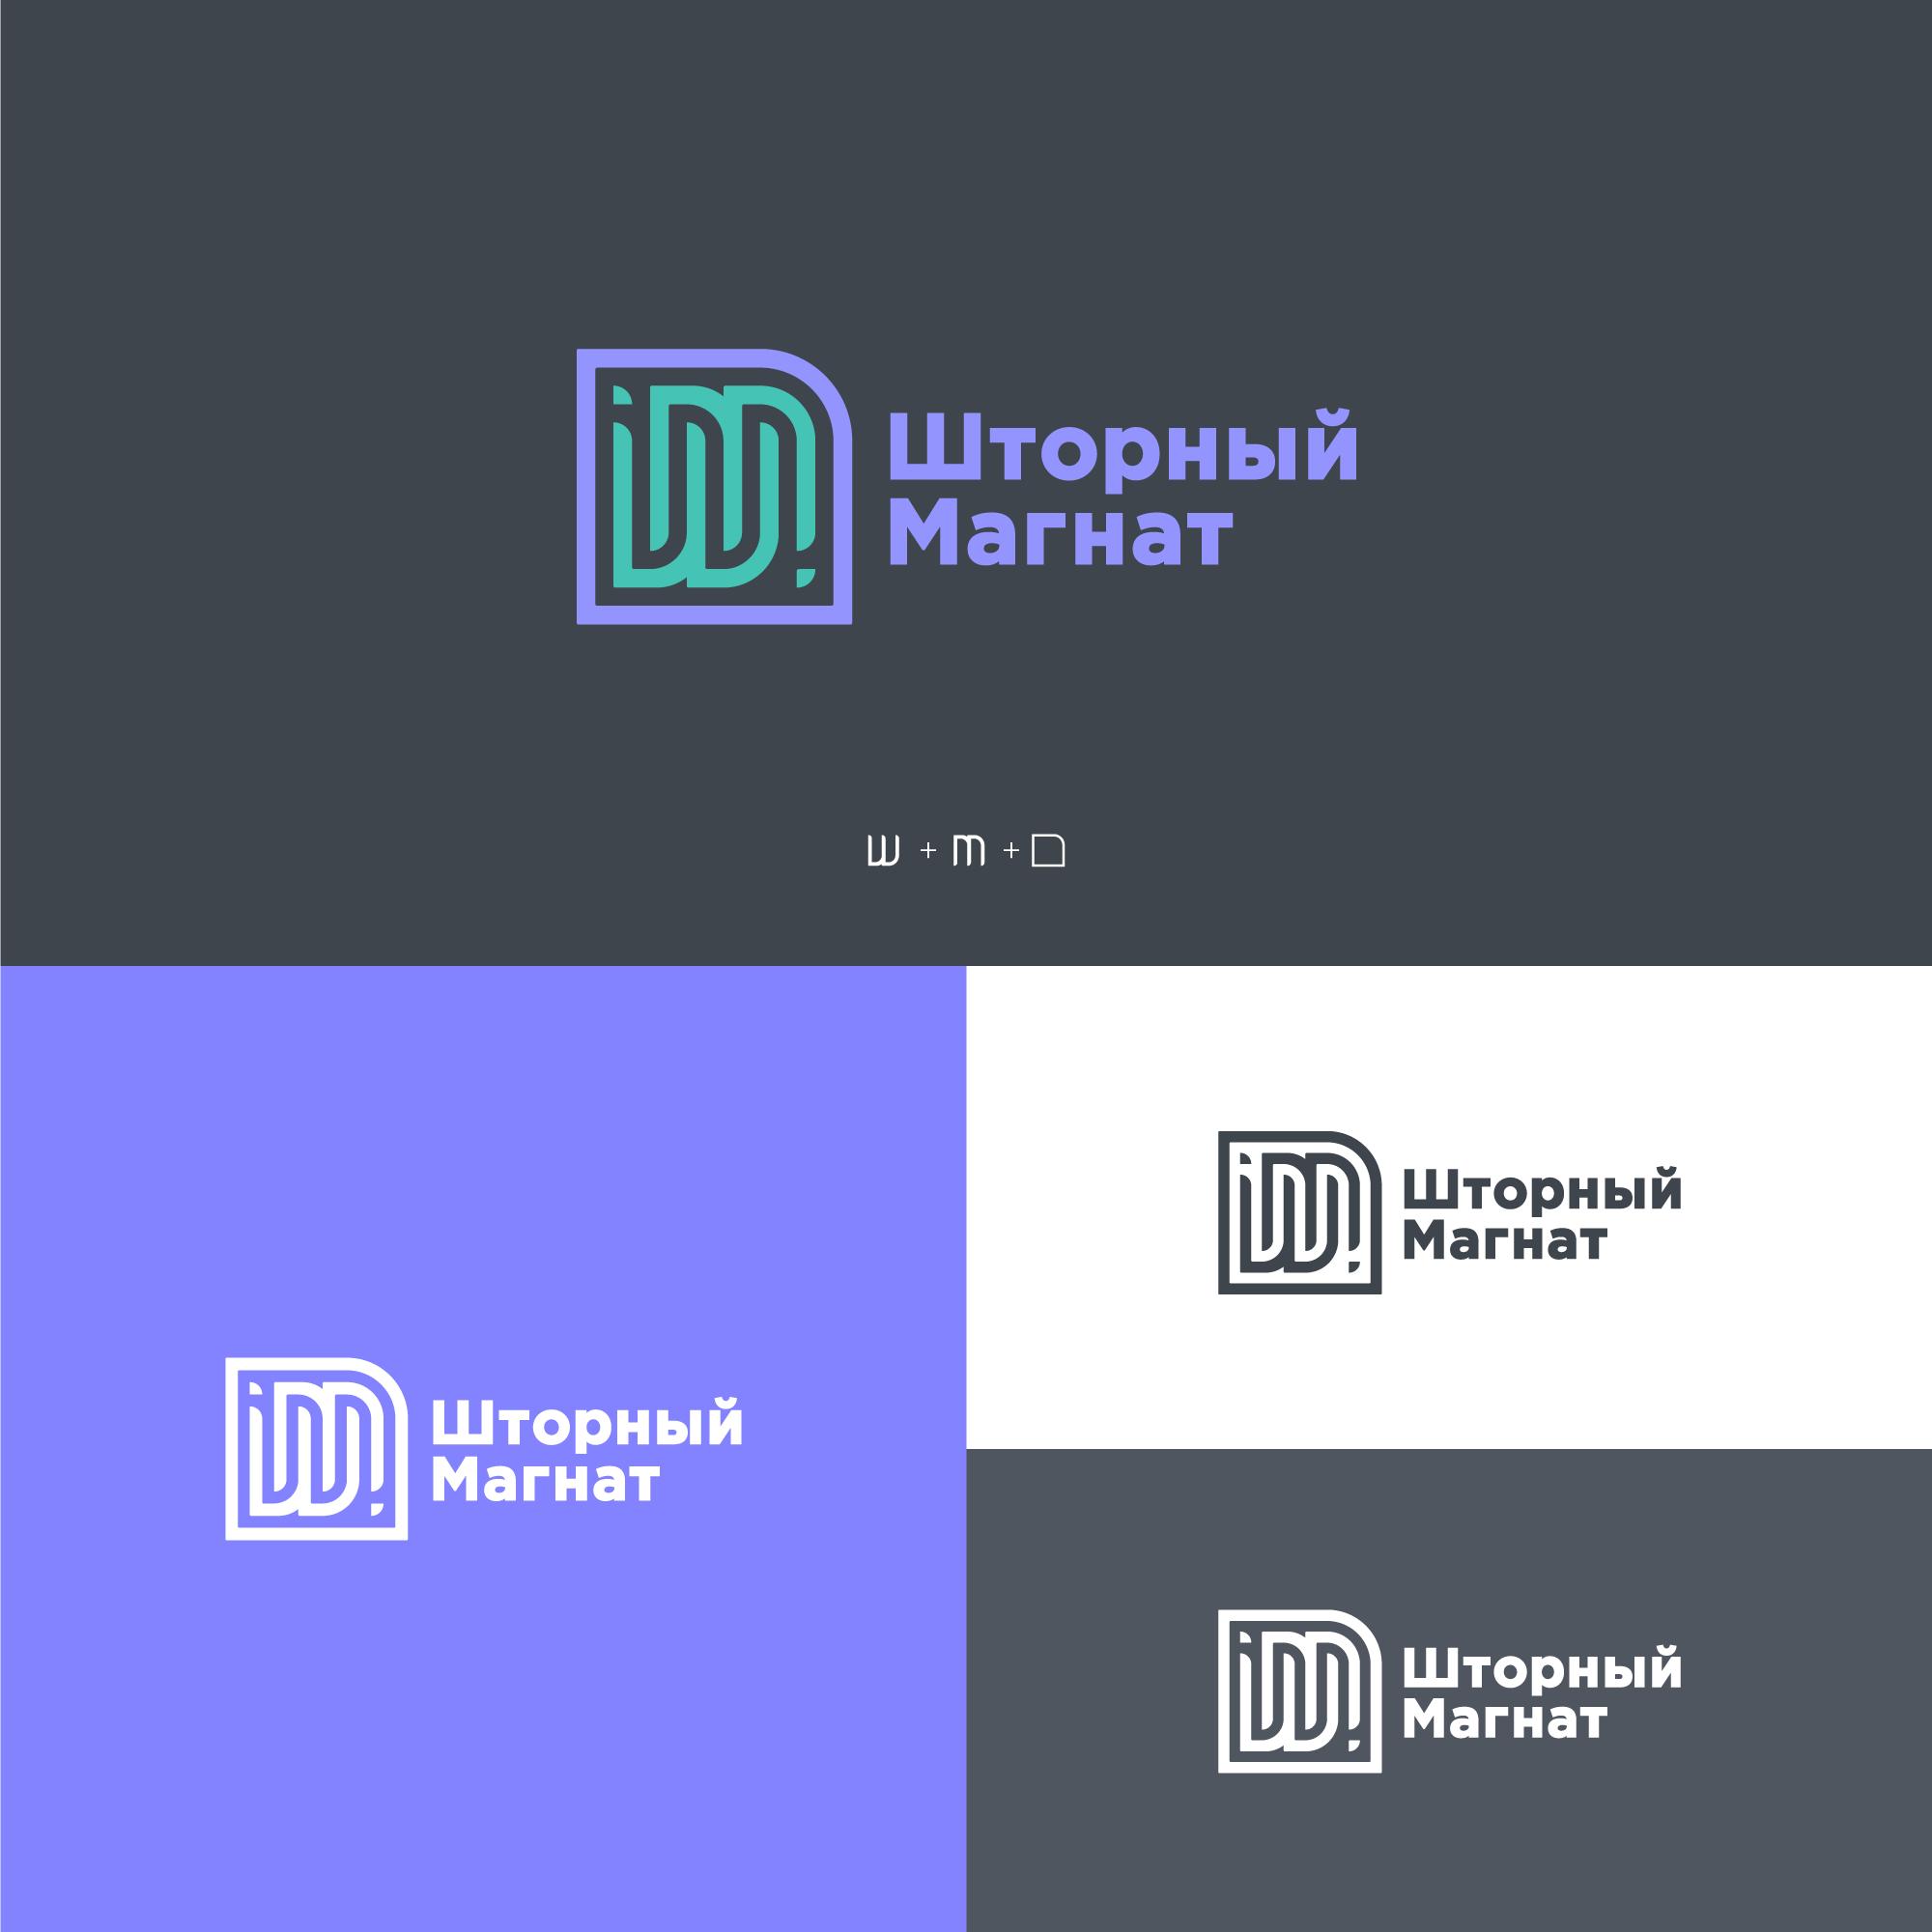 Логотип и фирменный стиль для магазина тканей. фото f_8275cdac77841093.png